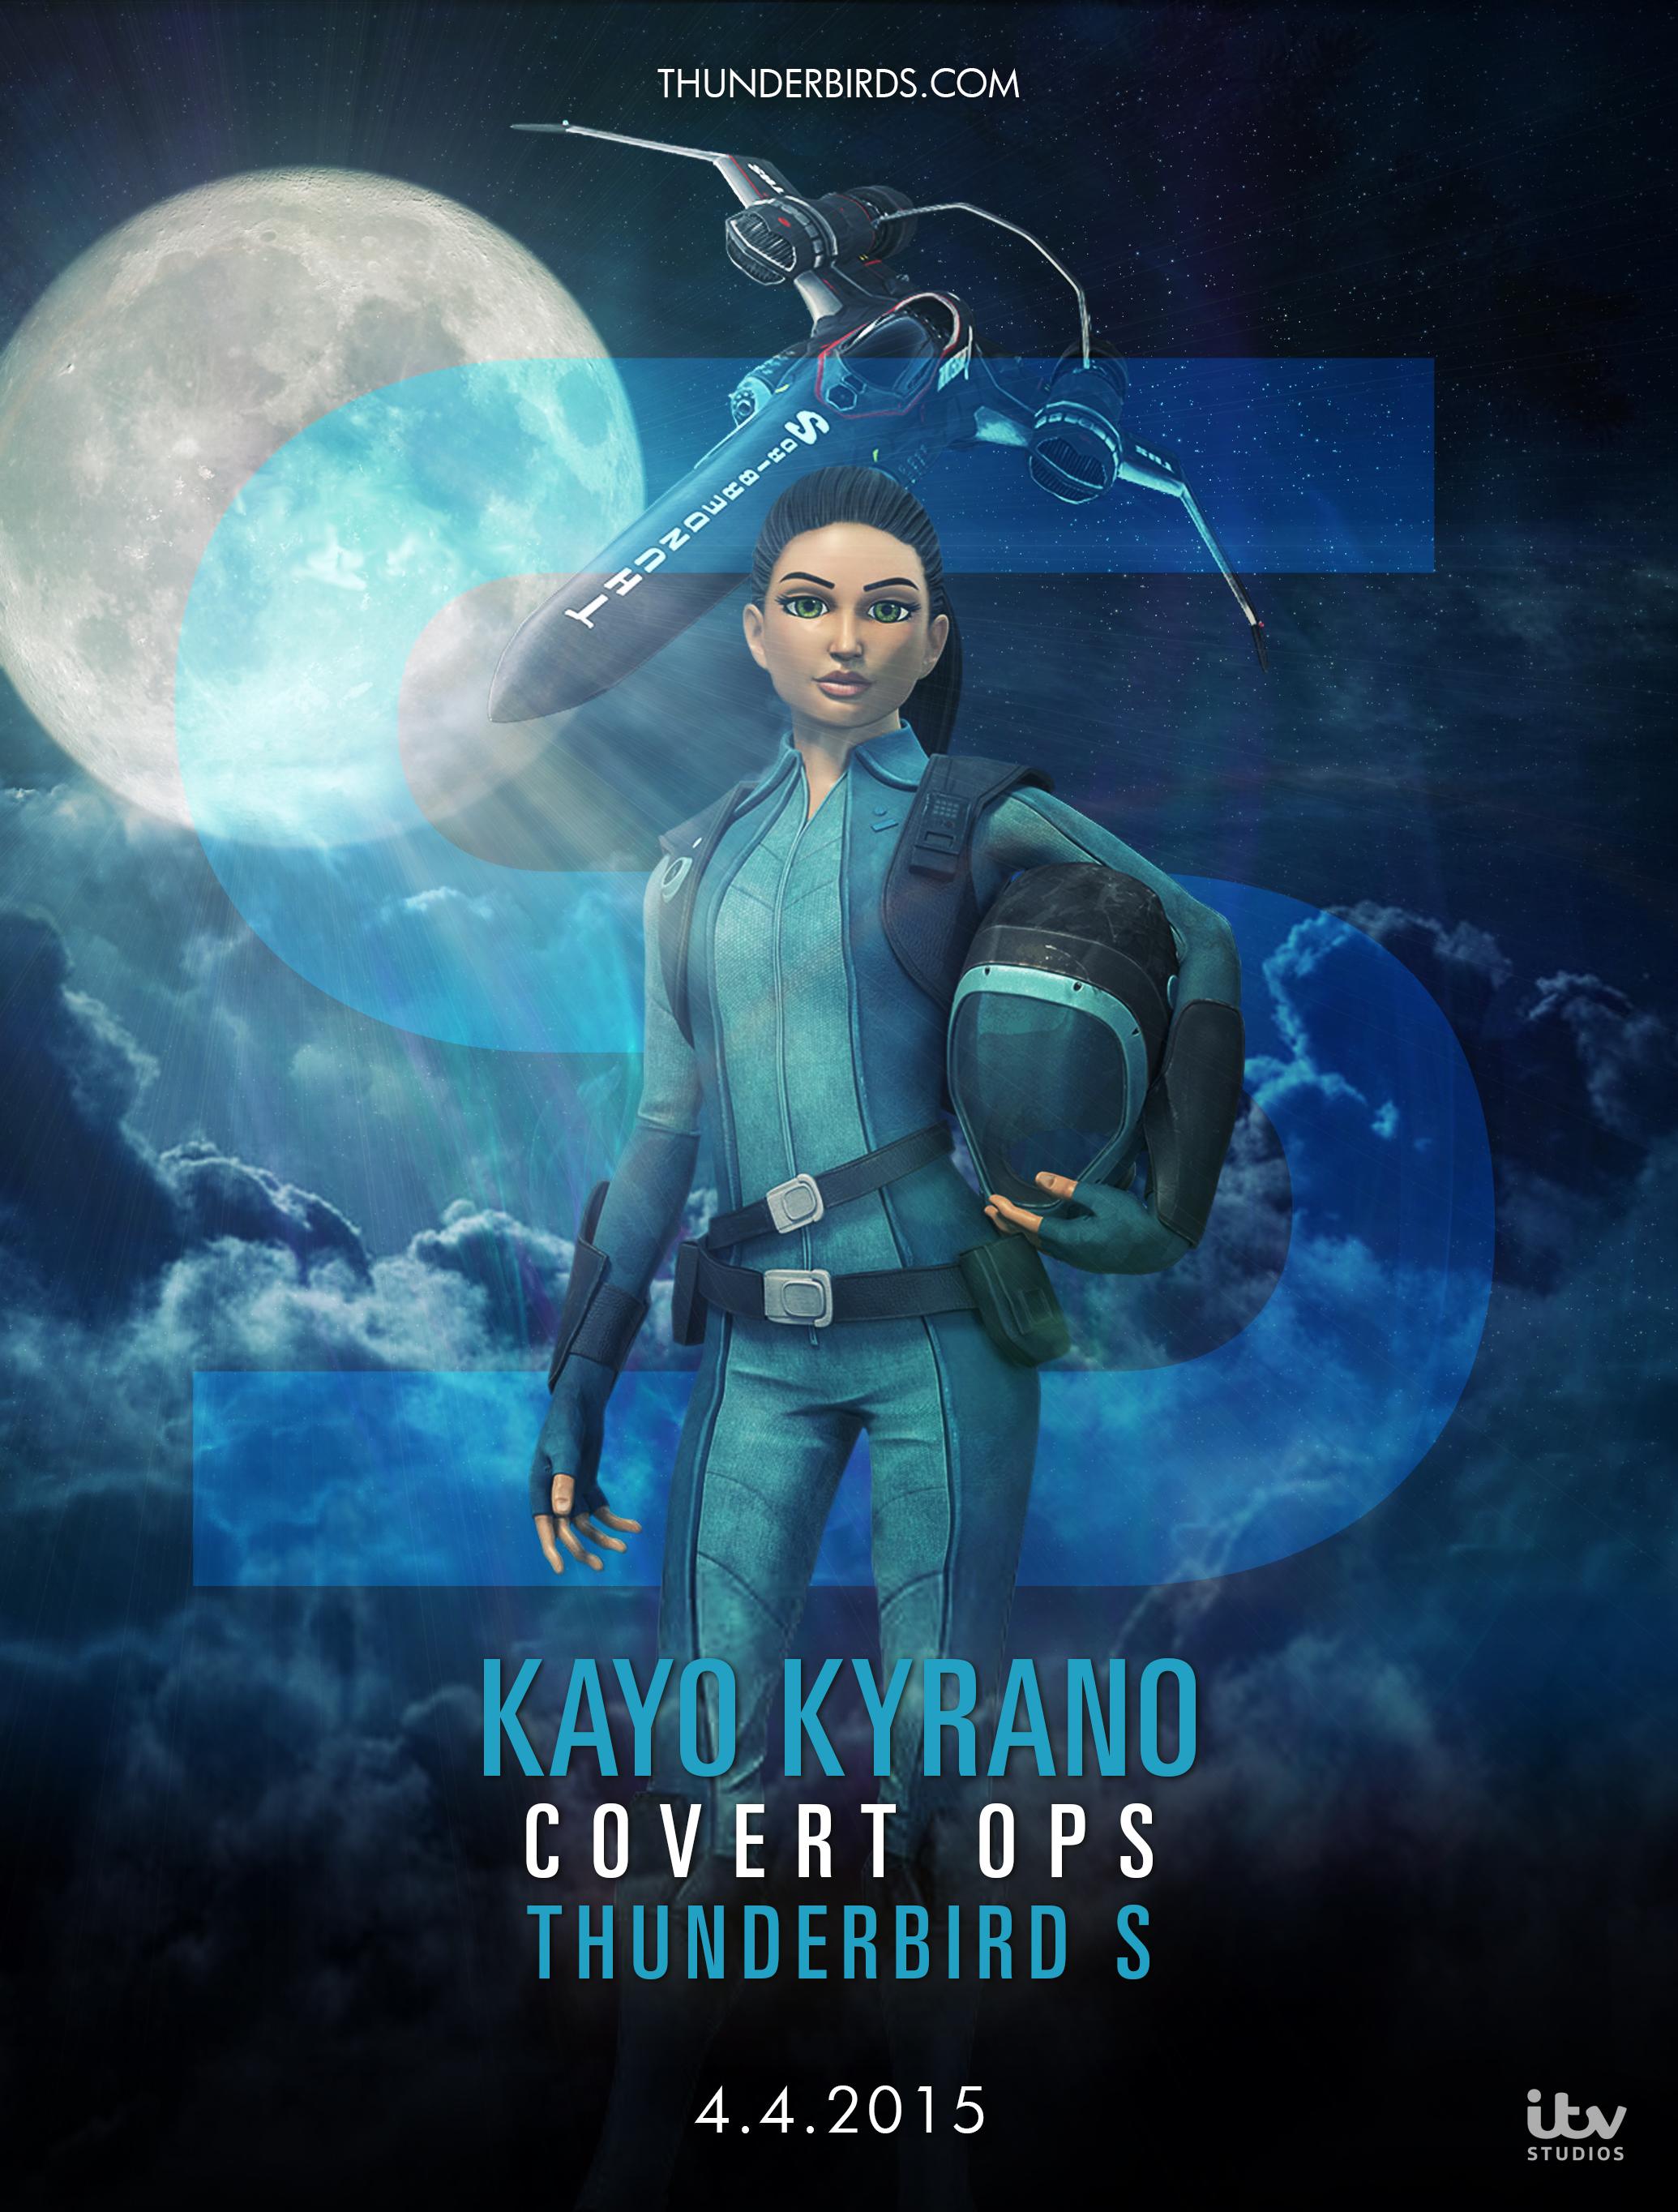 Kayo Kyrano Covert Ops Thunderbird S Animacao Faca Festa E